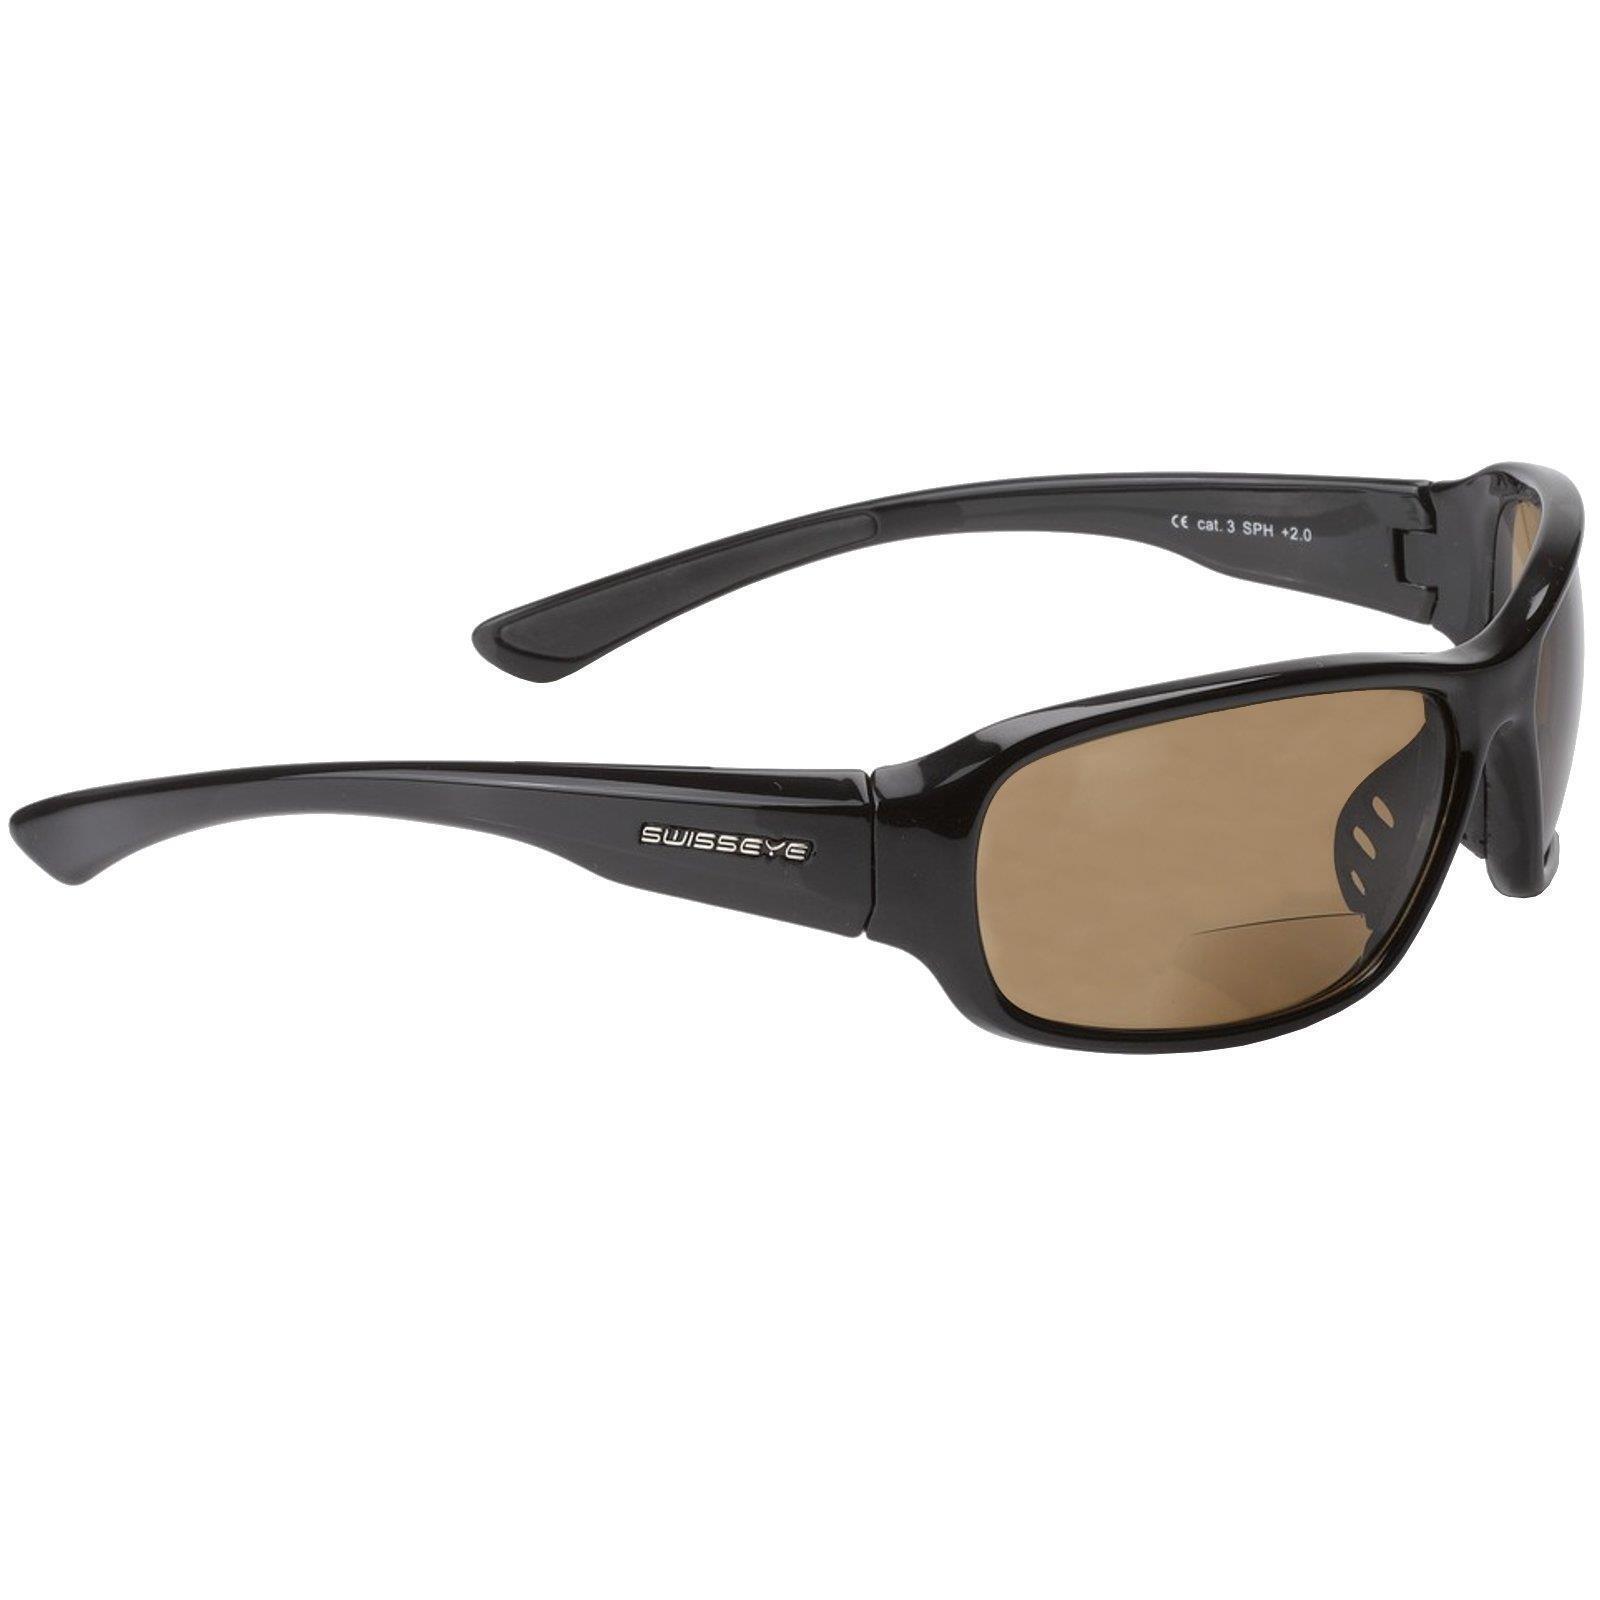 Swiss Eye Fahrrad Sport Brille Freeride Bifocal 2,5 Dioptrie Lesehilfe brown